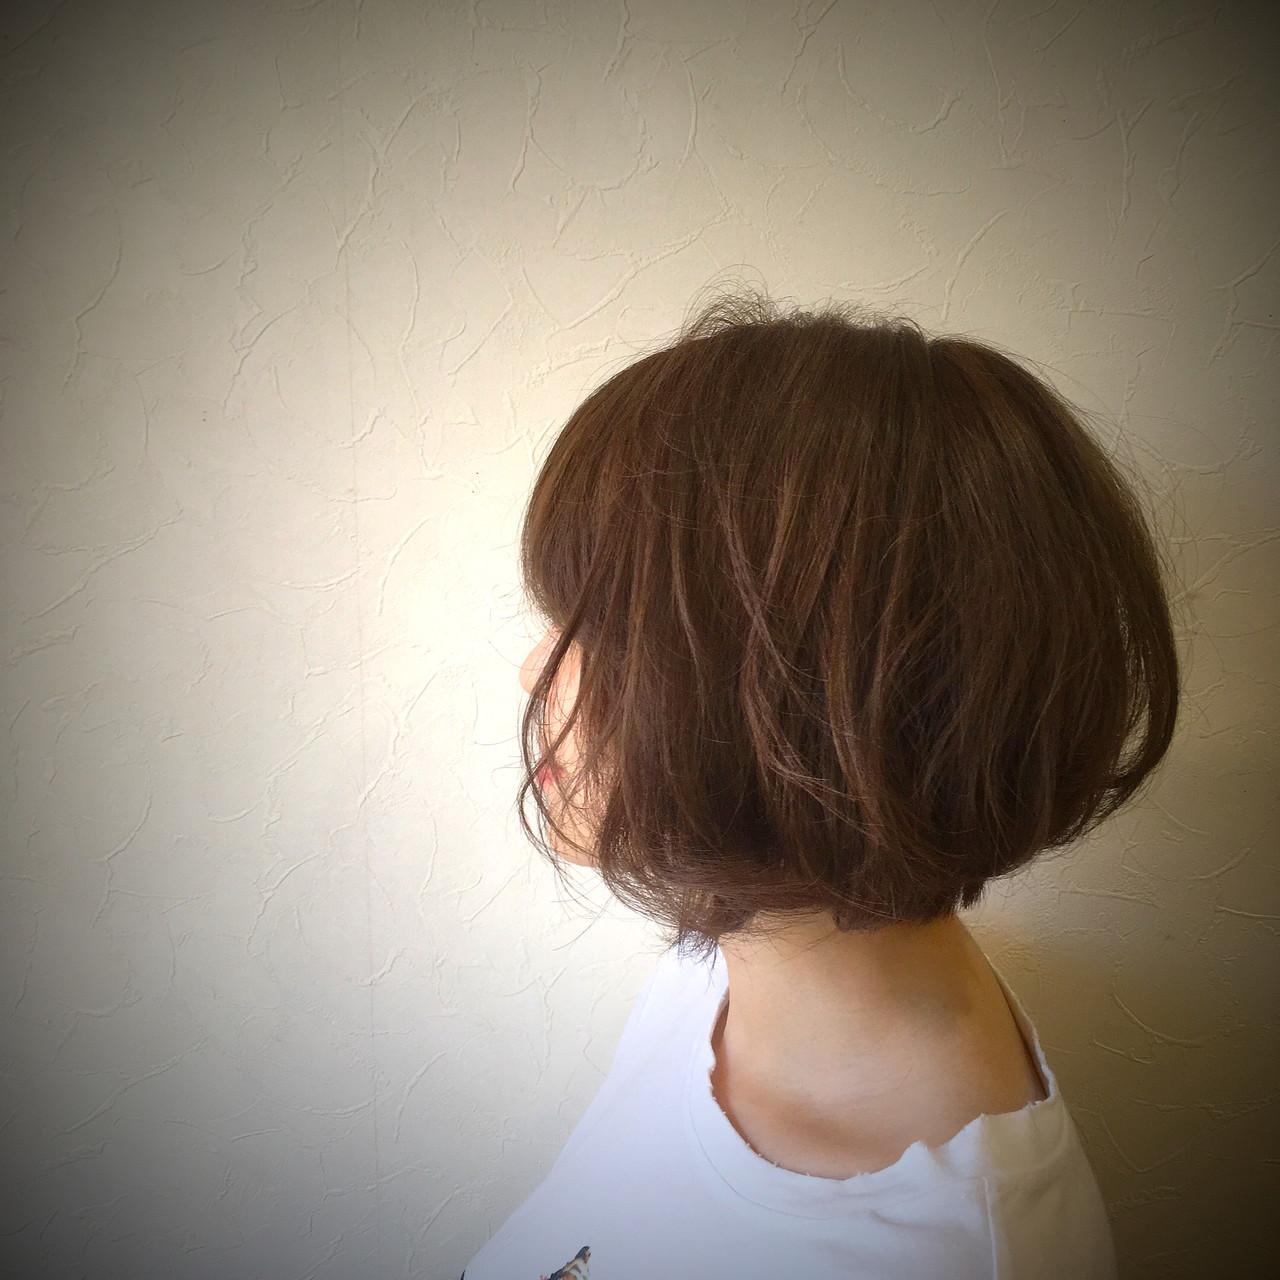 アンニュイほつれヘア ナチュラル可愛い ガーリー ボブ ヘアスタイルや髪型の写真・画像